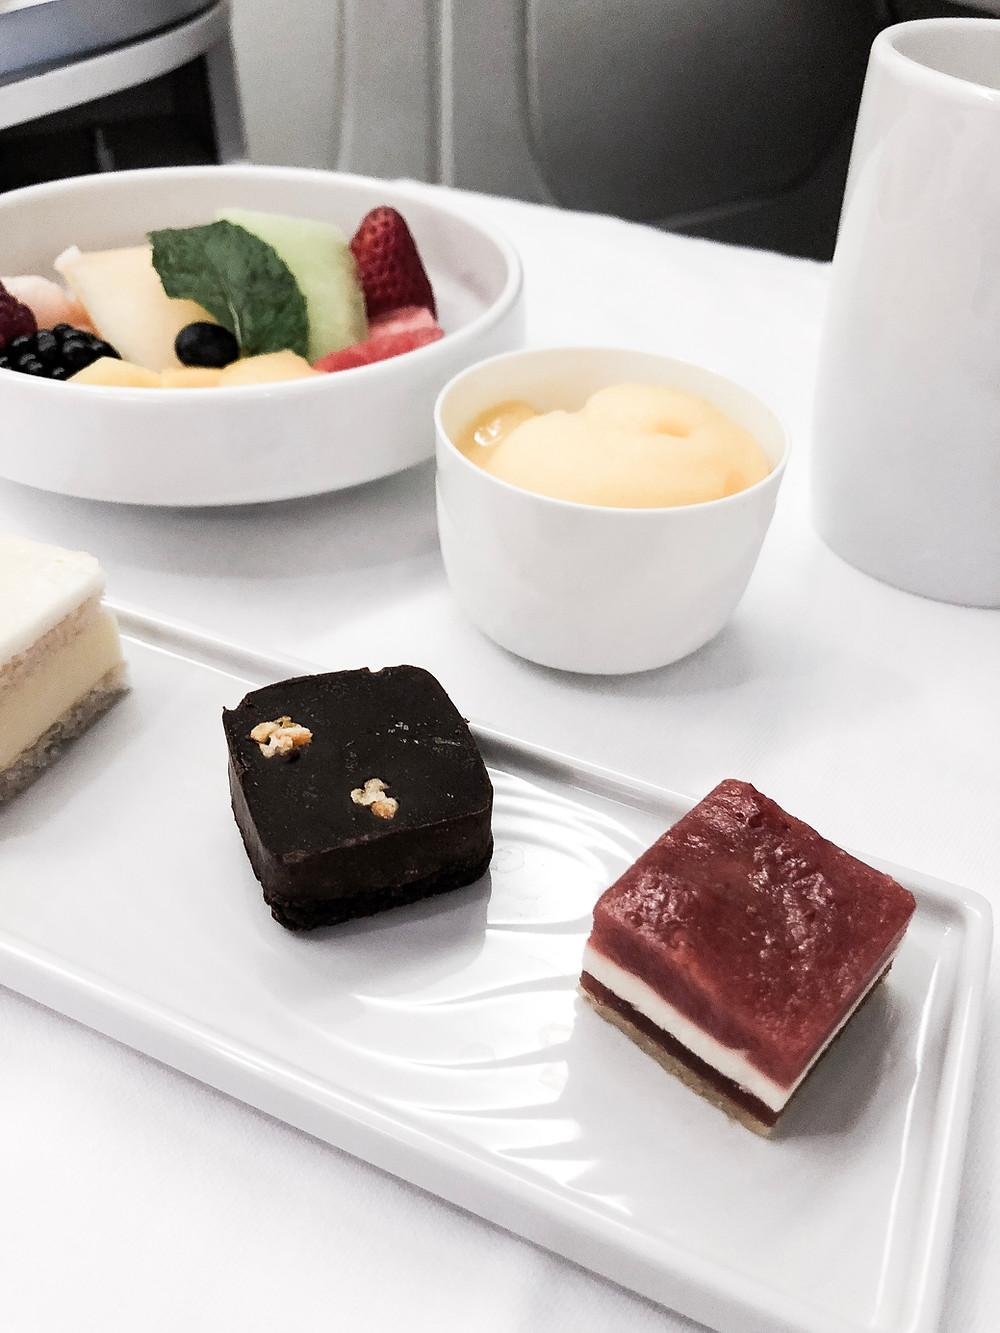 Air France Business Class, The Dessert